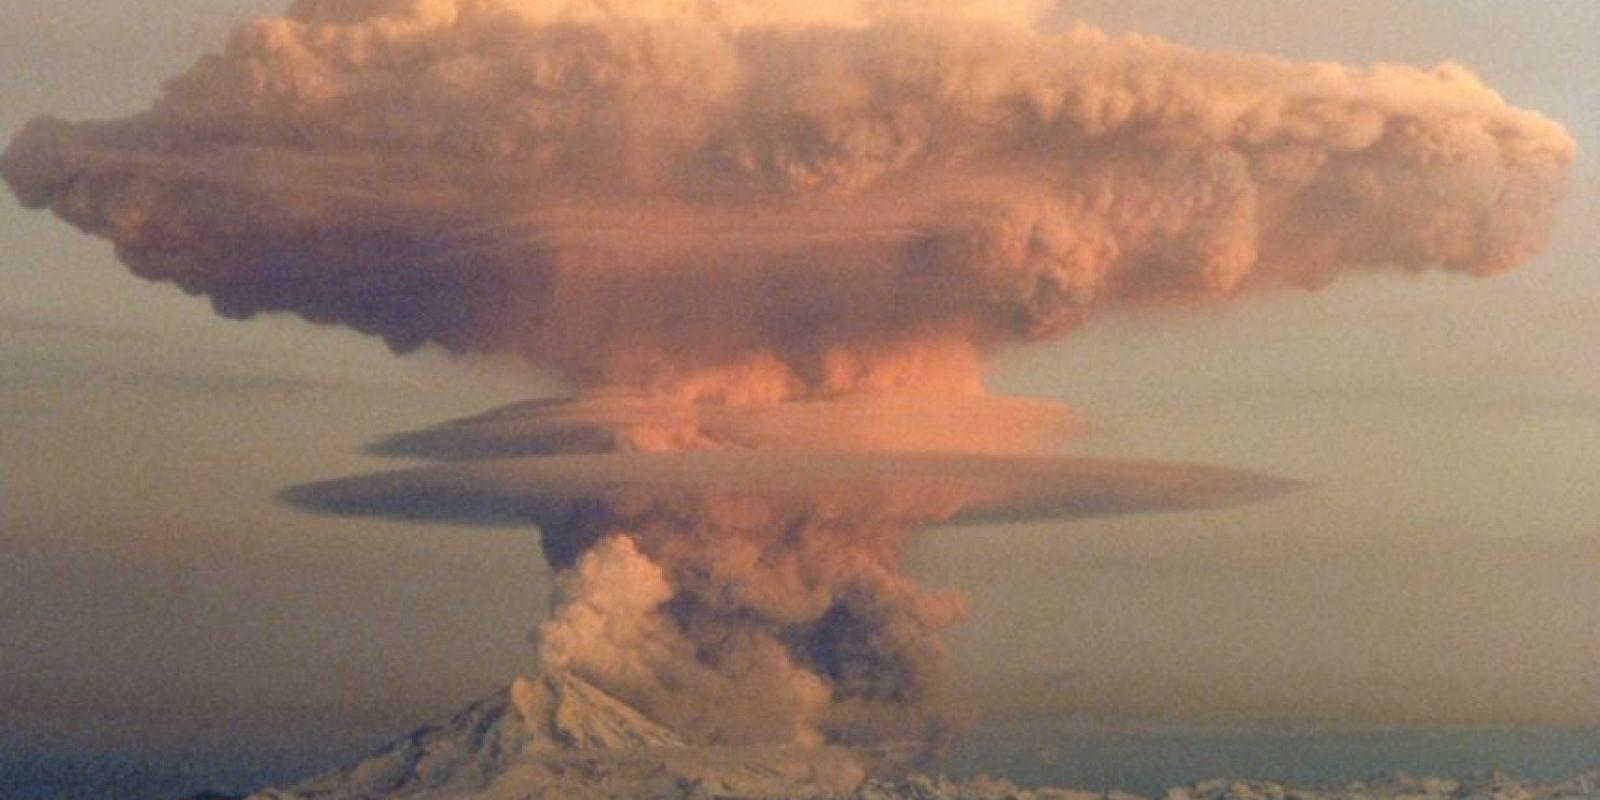 Su detonación tuvo una potencia superior a la de Hiroshima y Nagasaki. Foto:Vía Wikipedia.org